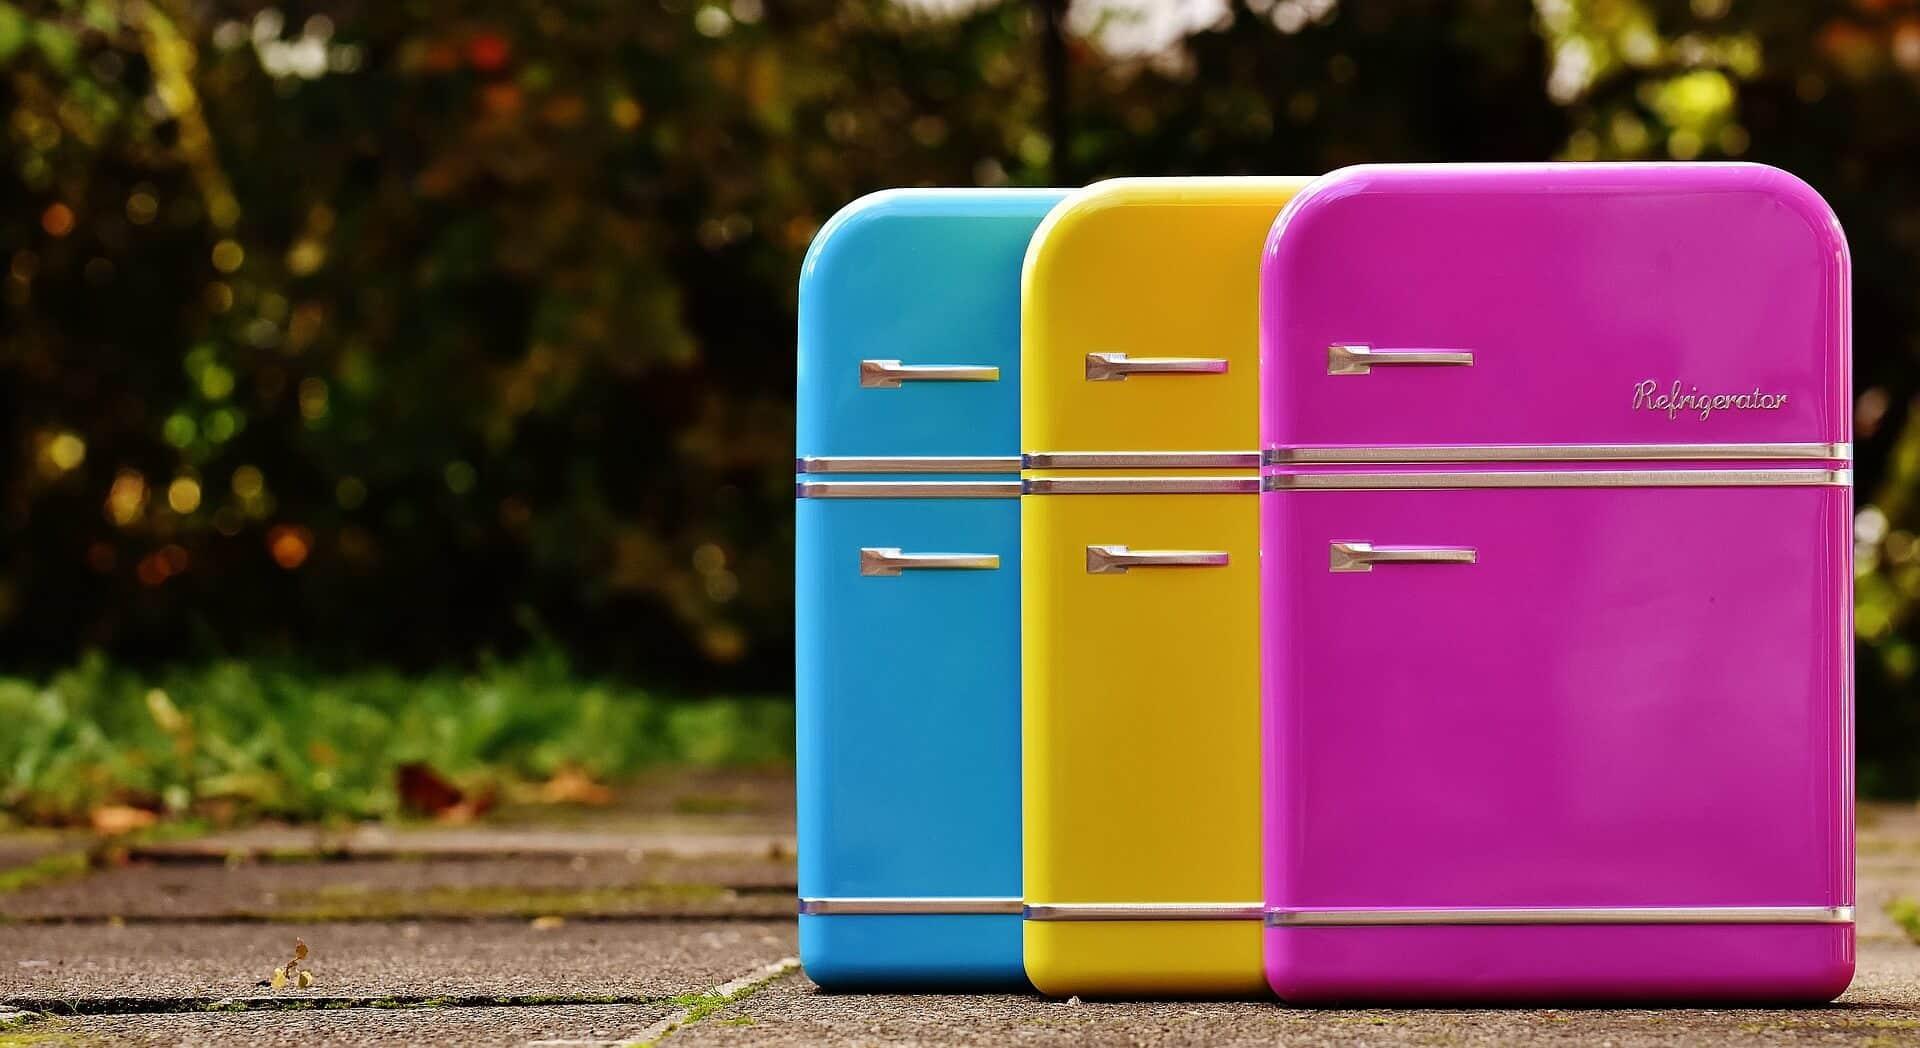 Mini Kühlschrank Für Jugendzimmer : Der mini kühlschrank das ideale zweitgerät haushalts magazin